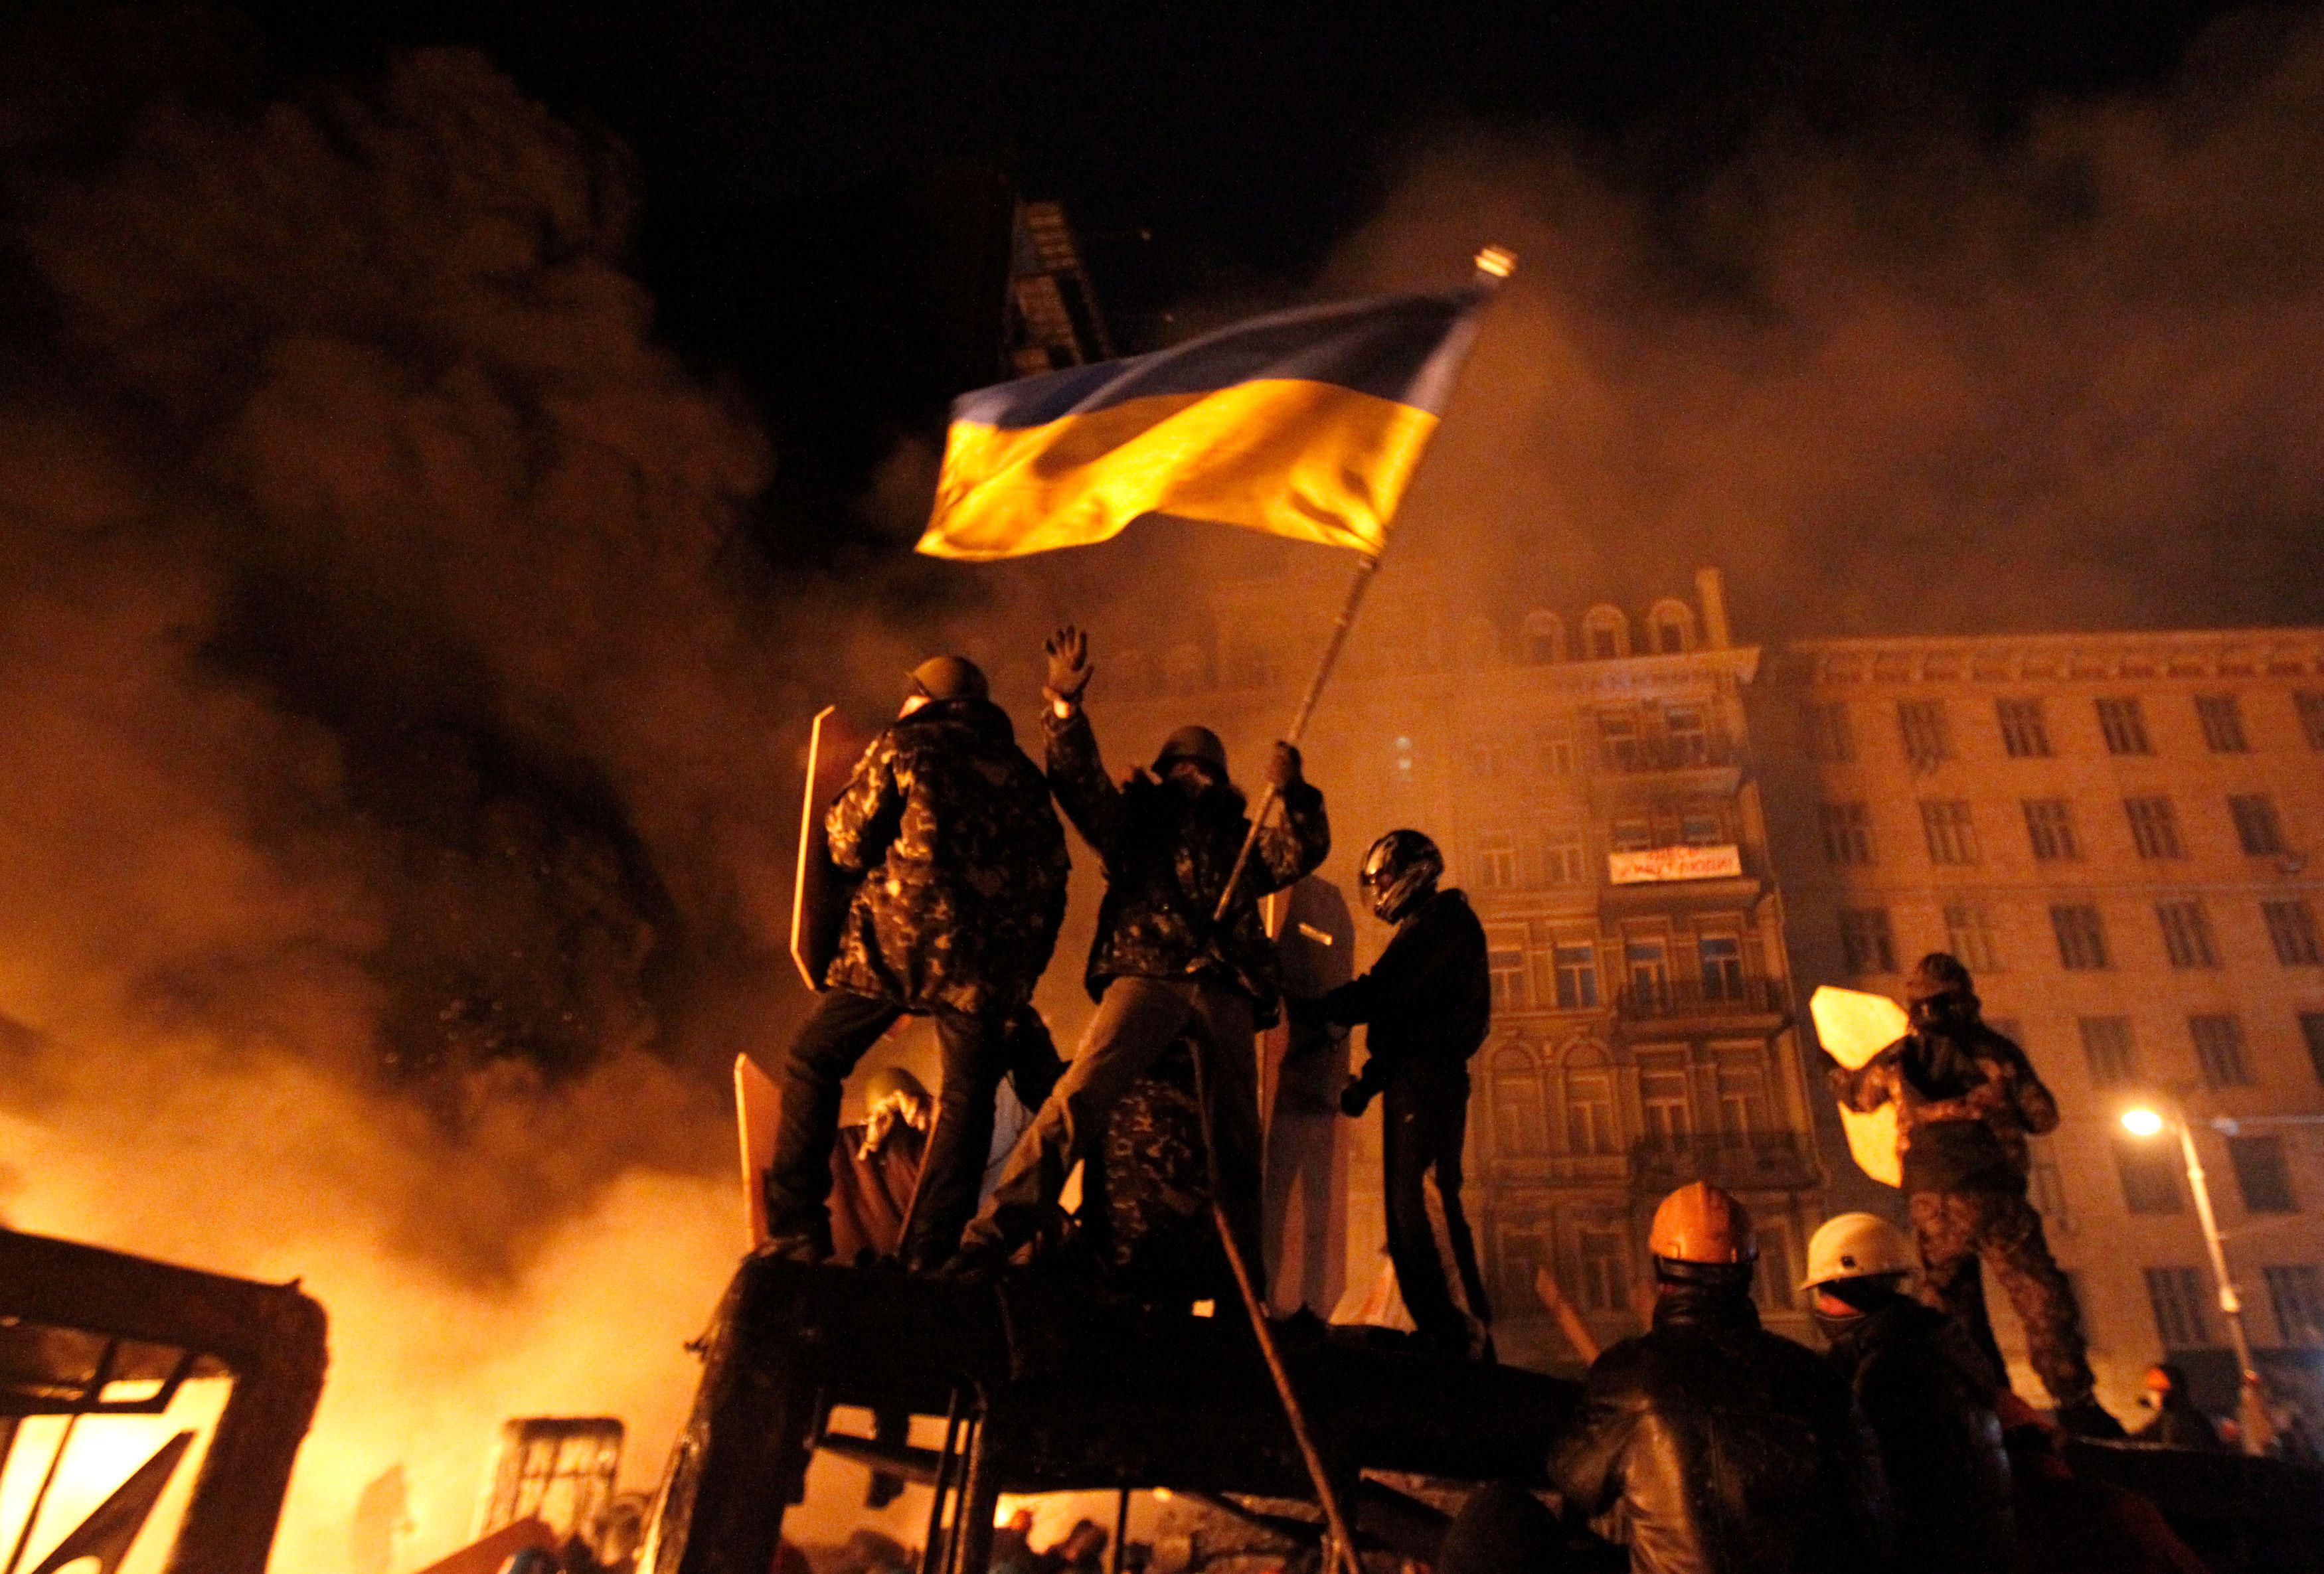 Ukraine : un nouveau décès, le gouvernement accuse les manifestants de stocker des armes